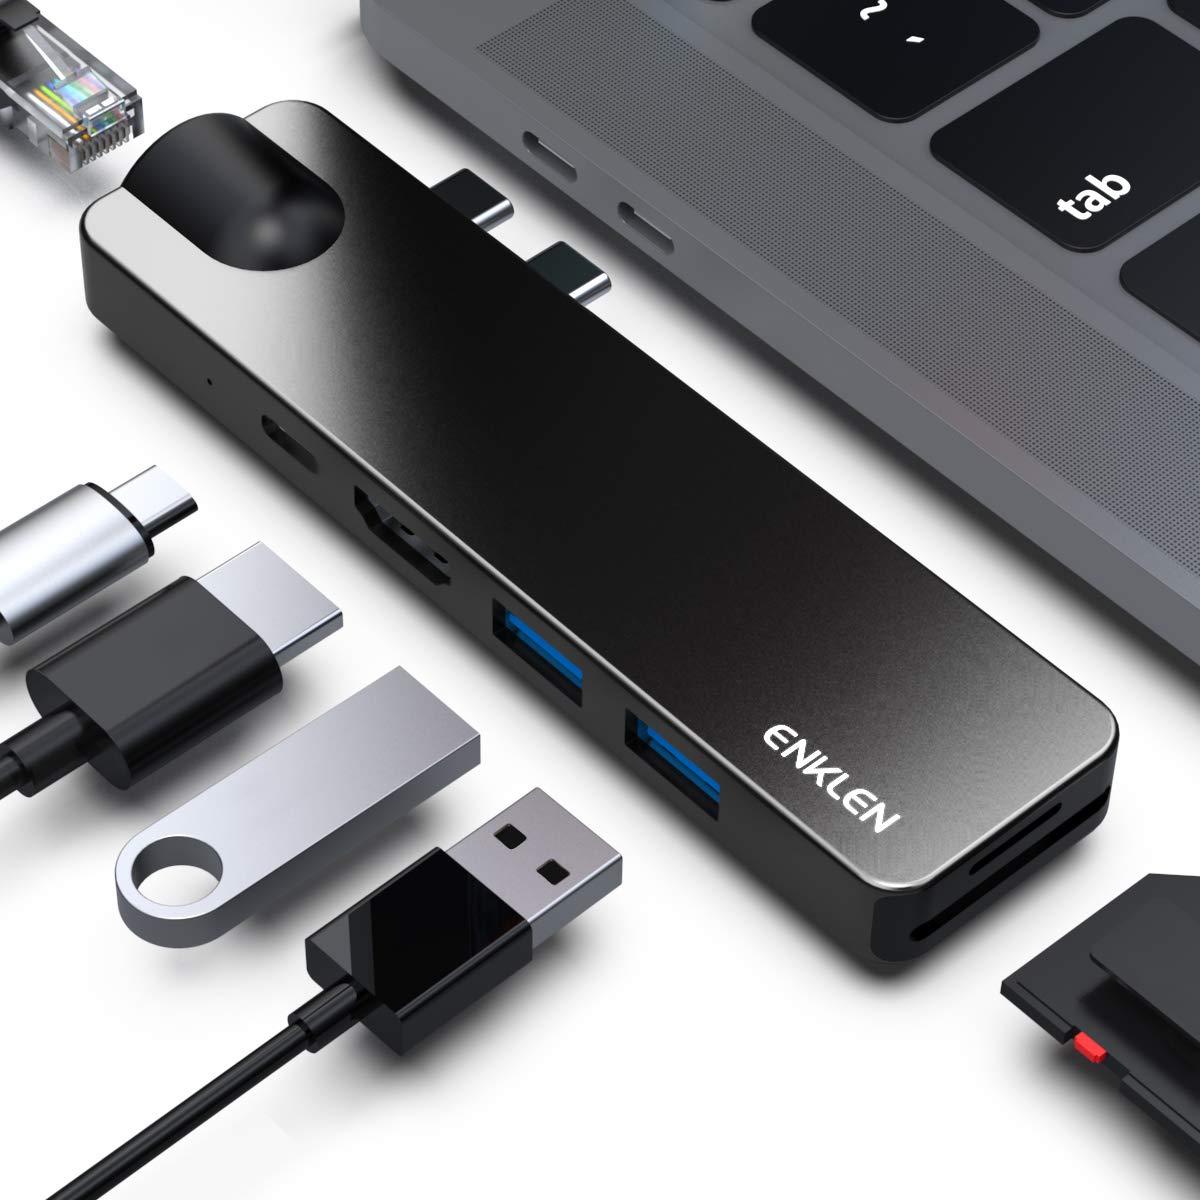 ENKLEN Hub USB C pour MacBook Pro/Air 2019/2018/2017/2016, Adaptateur de Type C avec Thunderbolt 3, HDMI 4K, 2 USB 3.1, Lecteur de Carte SD/Micro SD, port Gigabit Ethernet,Port de Chargement de Type C